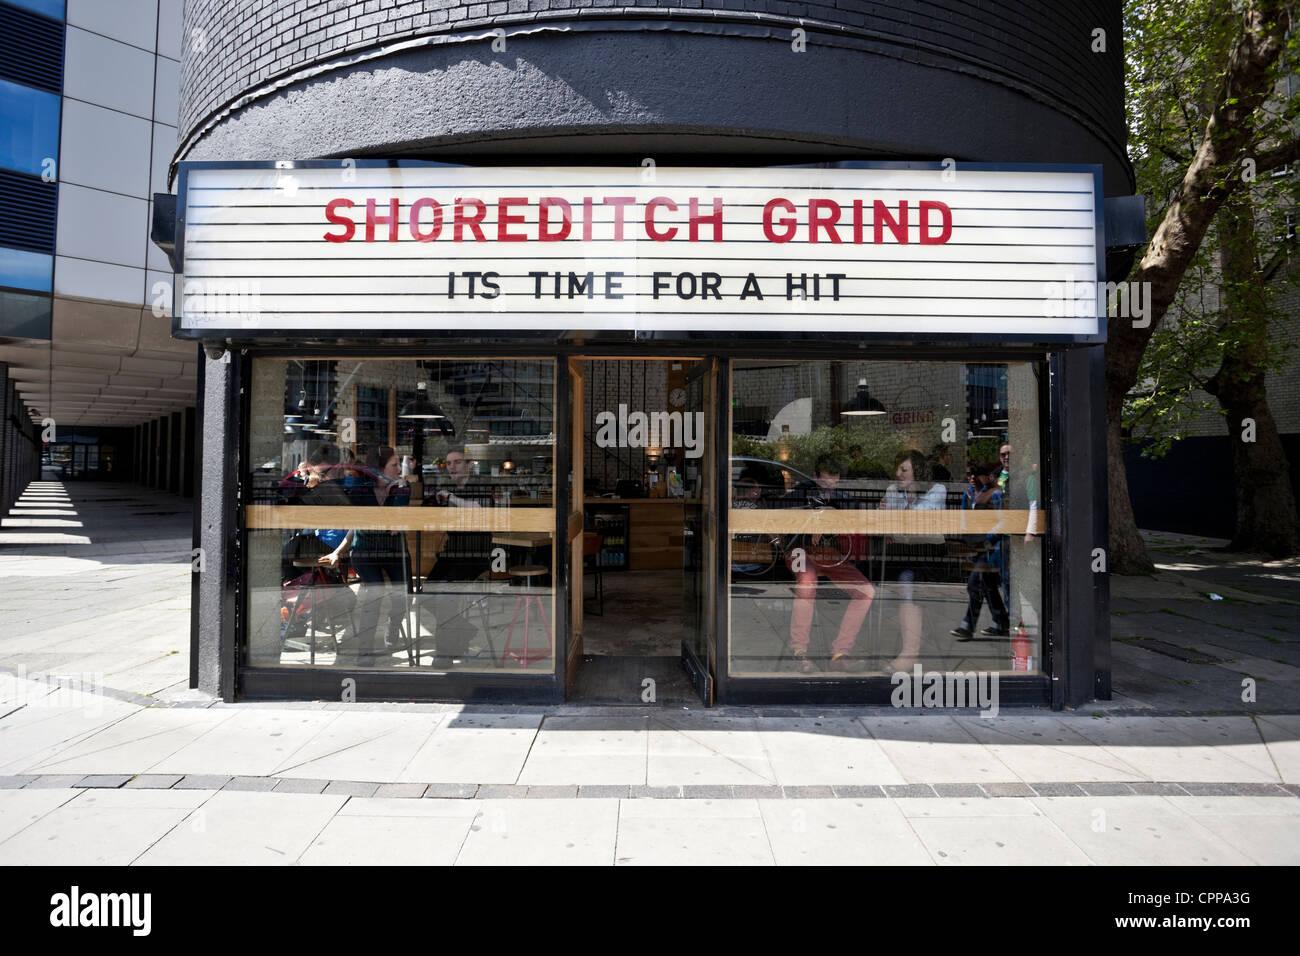 Shoreditch Grind Cafe, Shoreditch, London, EC1V 9NR, England, UK - Stock Image